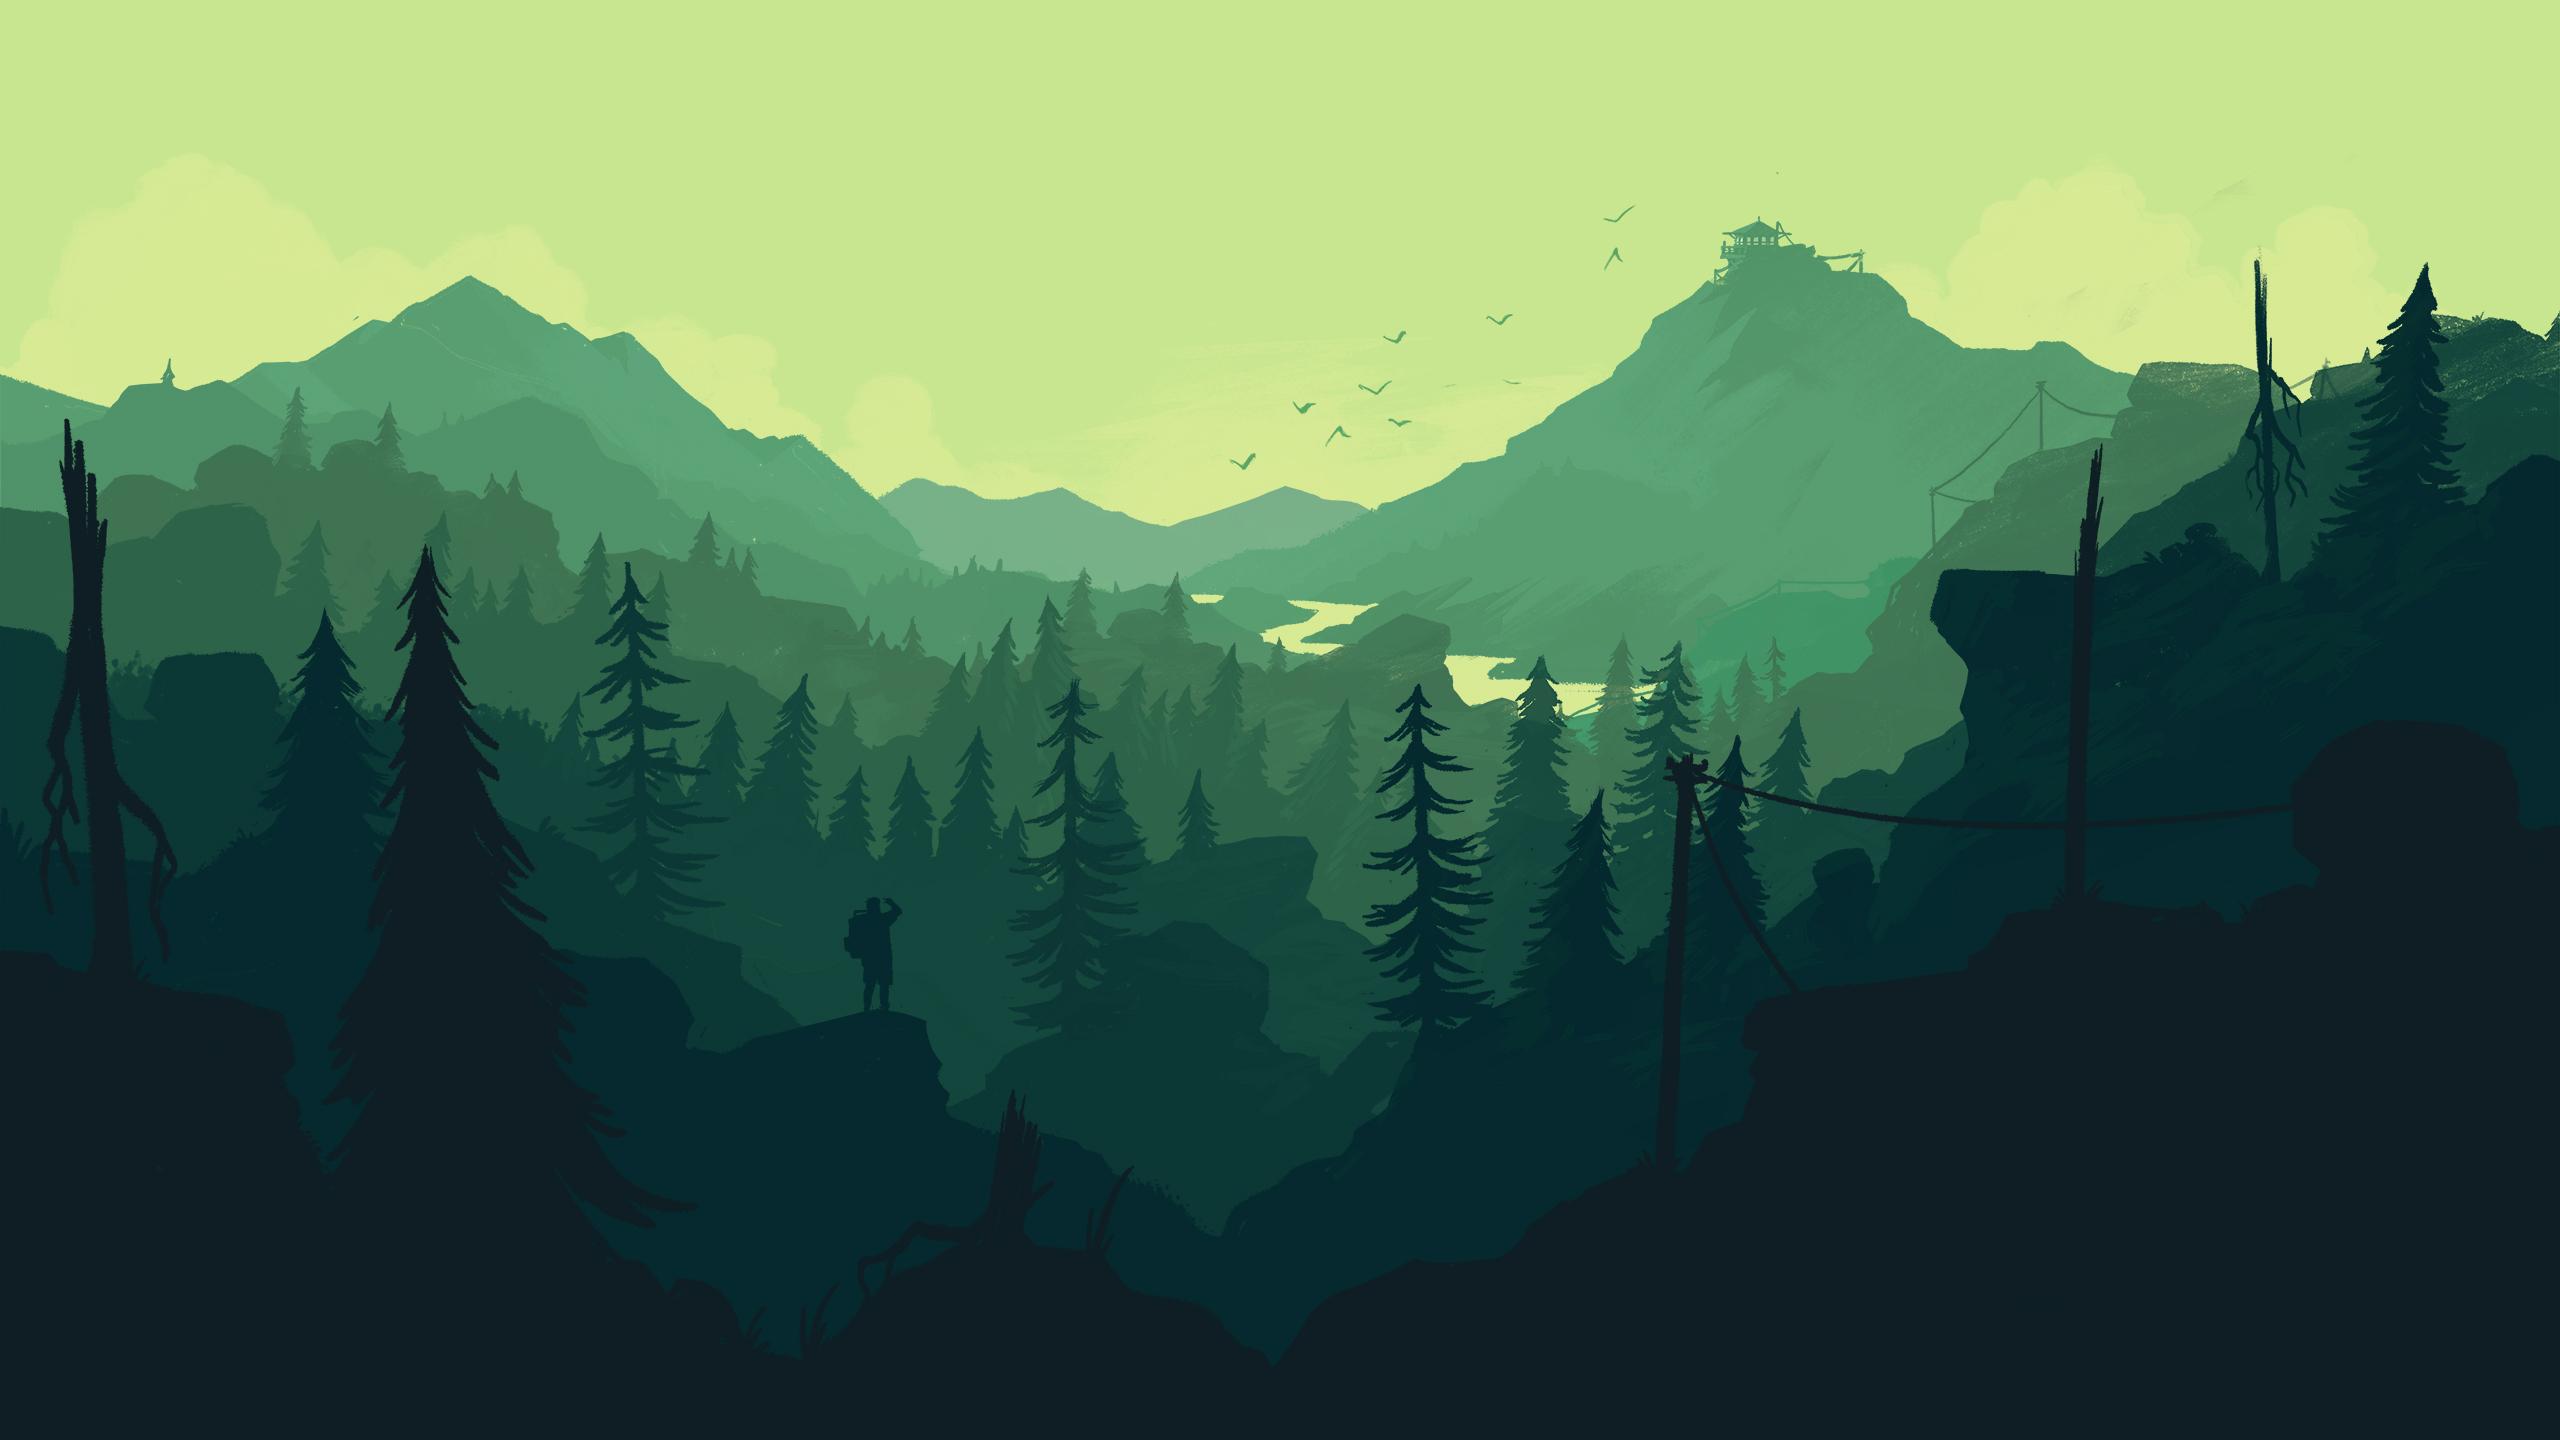 Beautiful Wallpaper Mountain Minimalistic - forest-minimal_57638_2560x1440  HD_932773.jpg